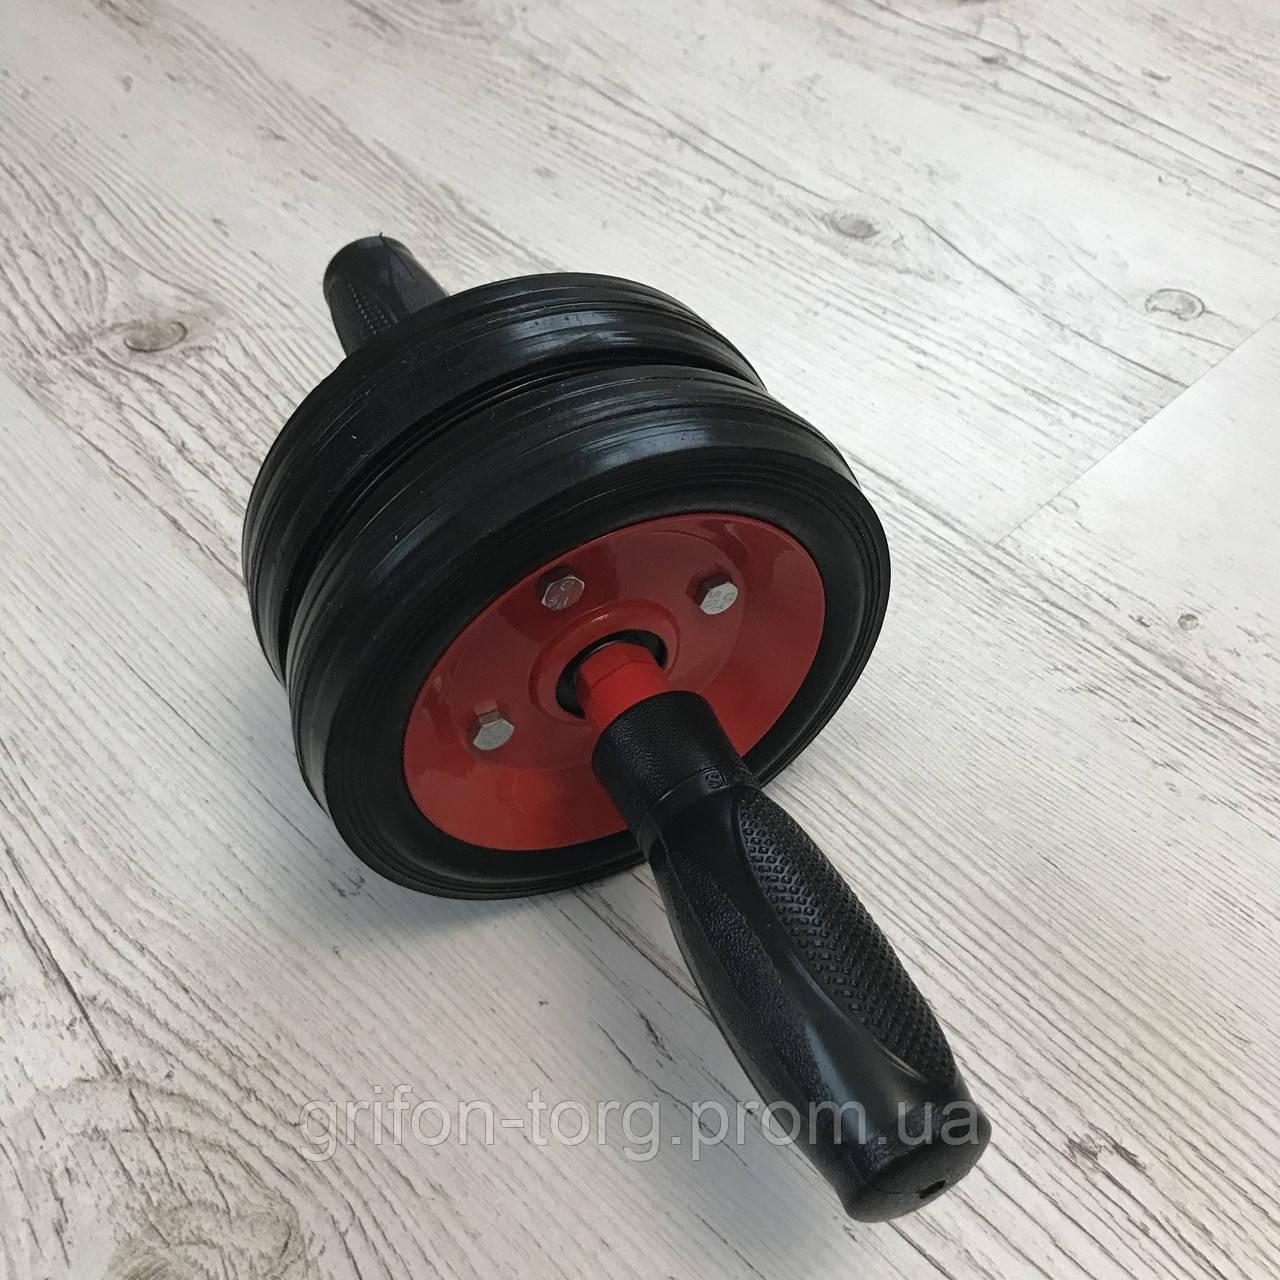 Двойной ролик для пресса, колесо для пресса, металлический  ролик на подшипнике